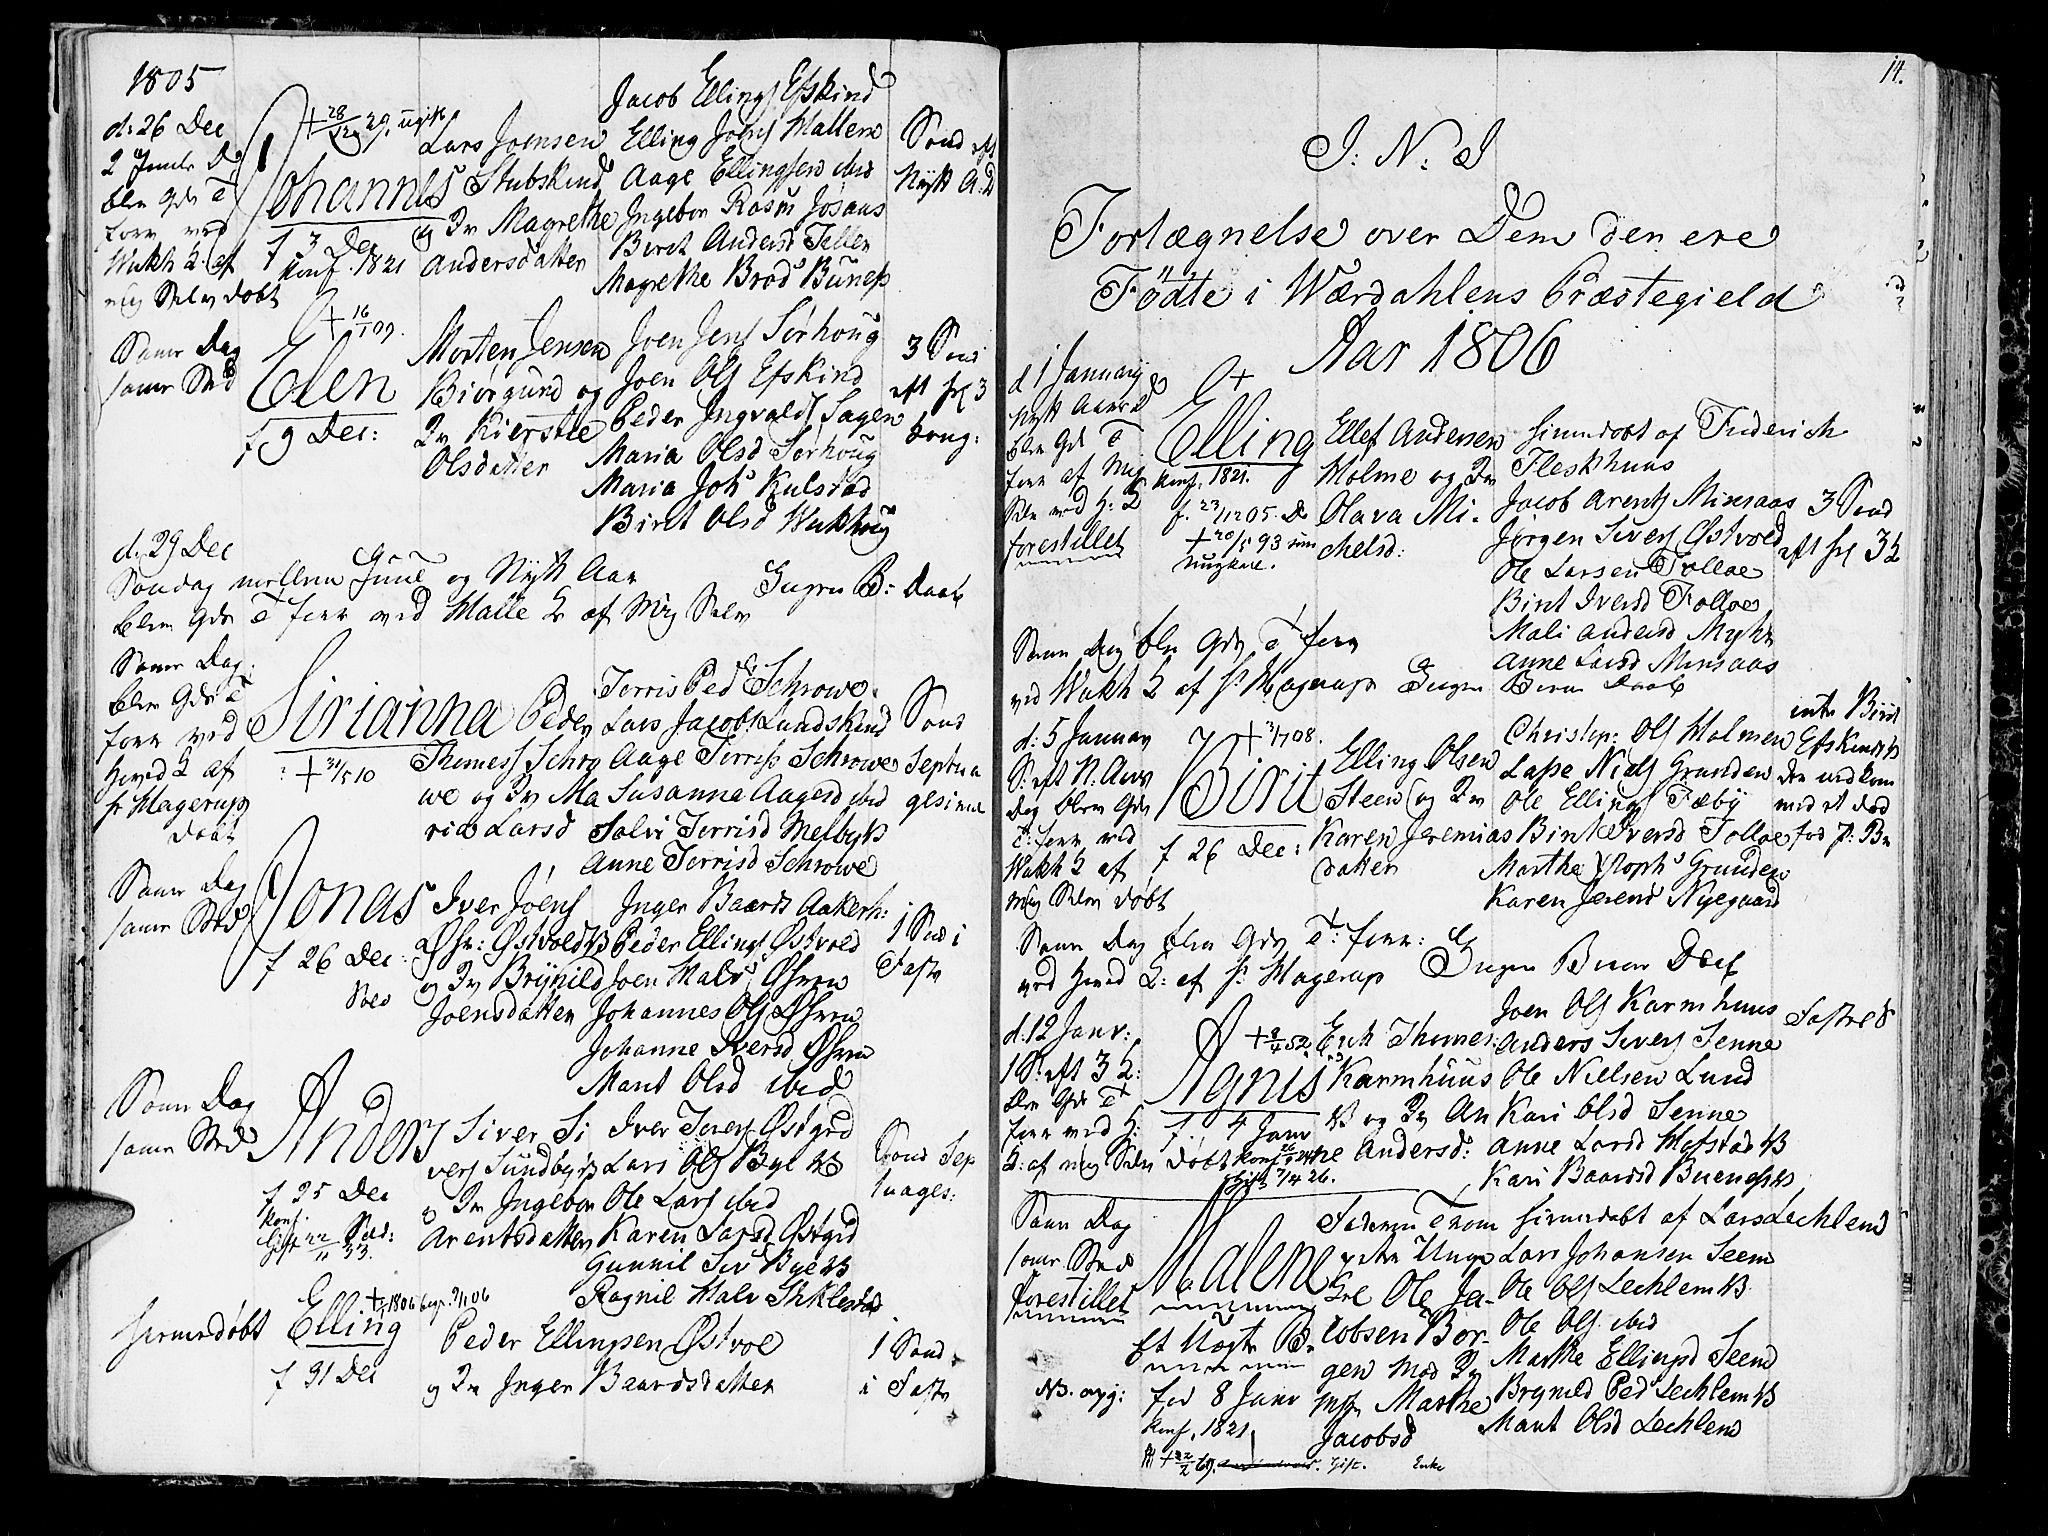 SAT, Ministerialprotokoller, klokkerbøker og fødselsregistre - Nord-Trøndelag, 723/L0233: Ministerialbok nr. 723A04, 1805-1816, s. 14